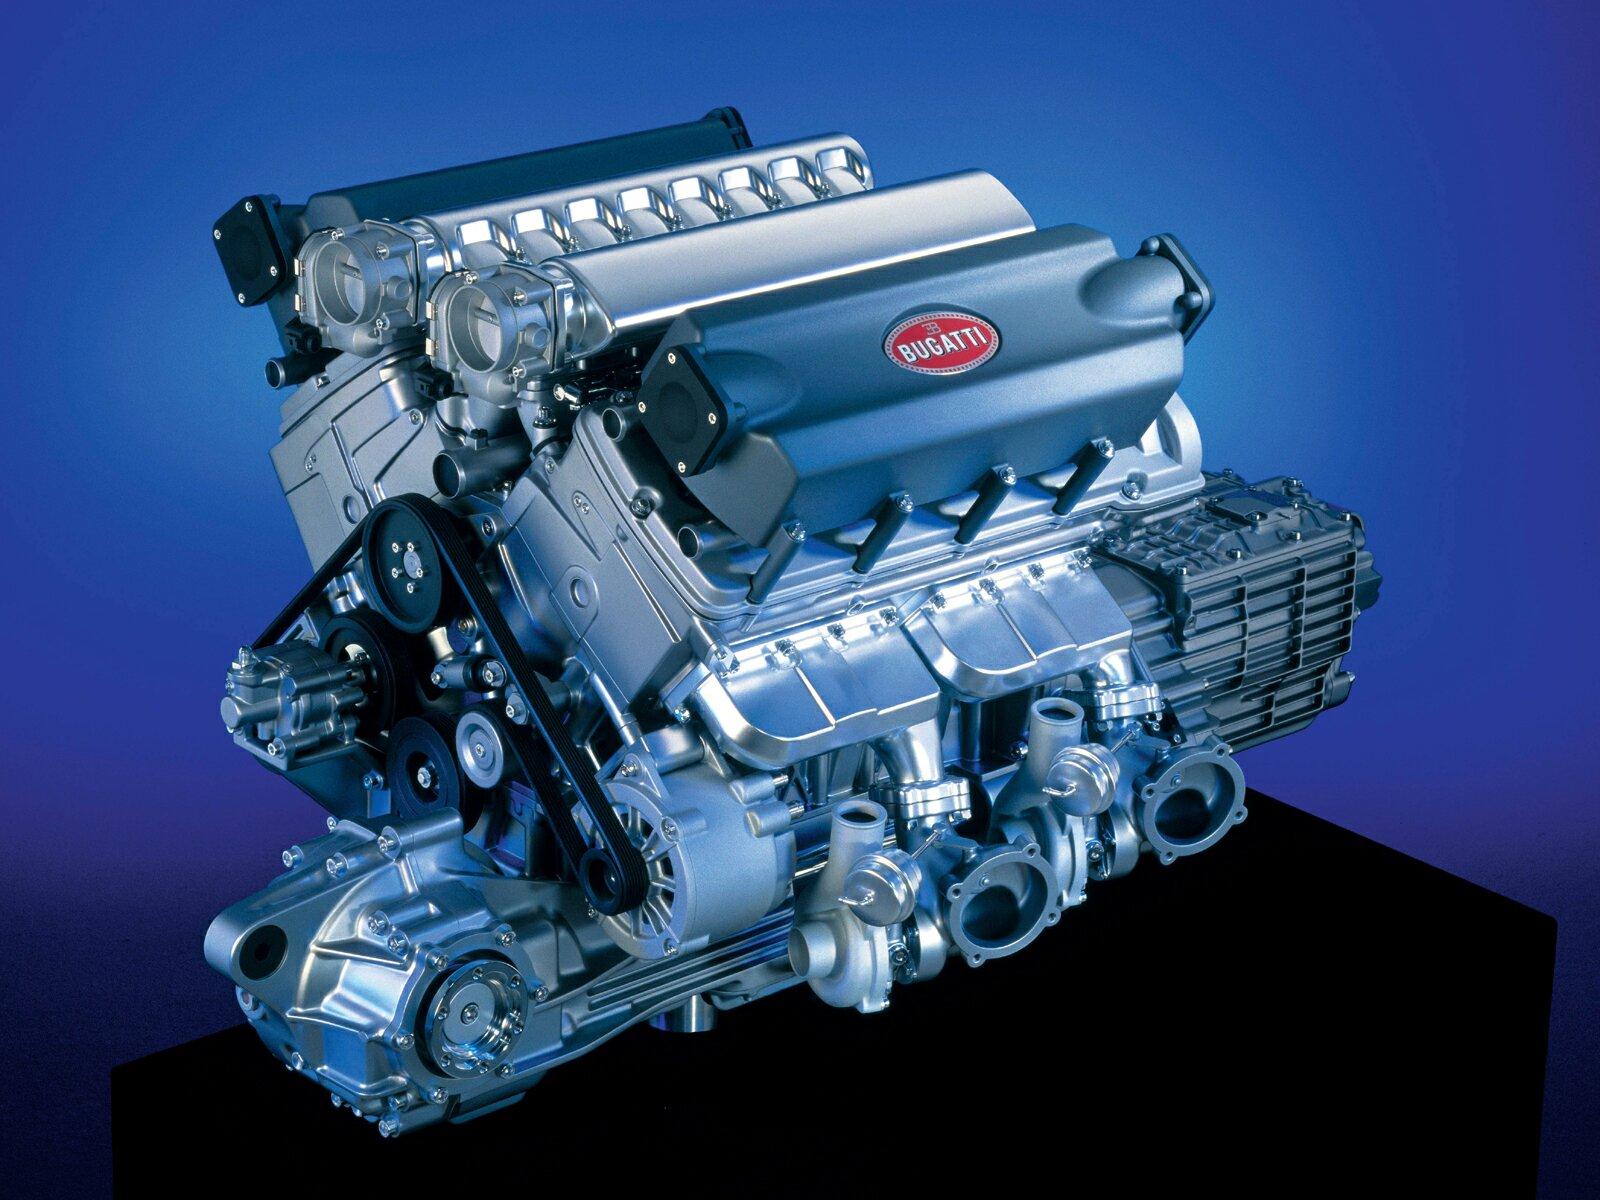 V16 bugatti veyron engine